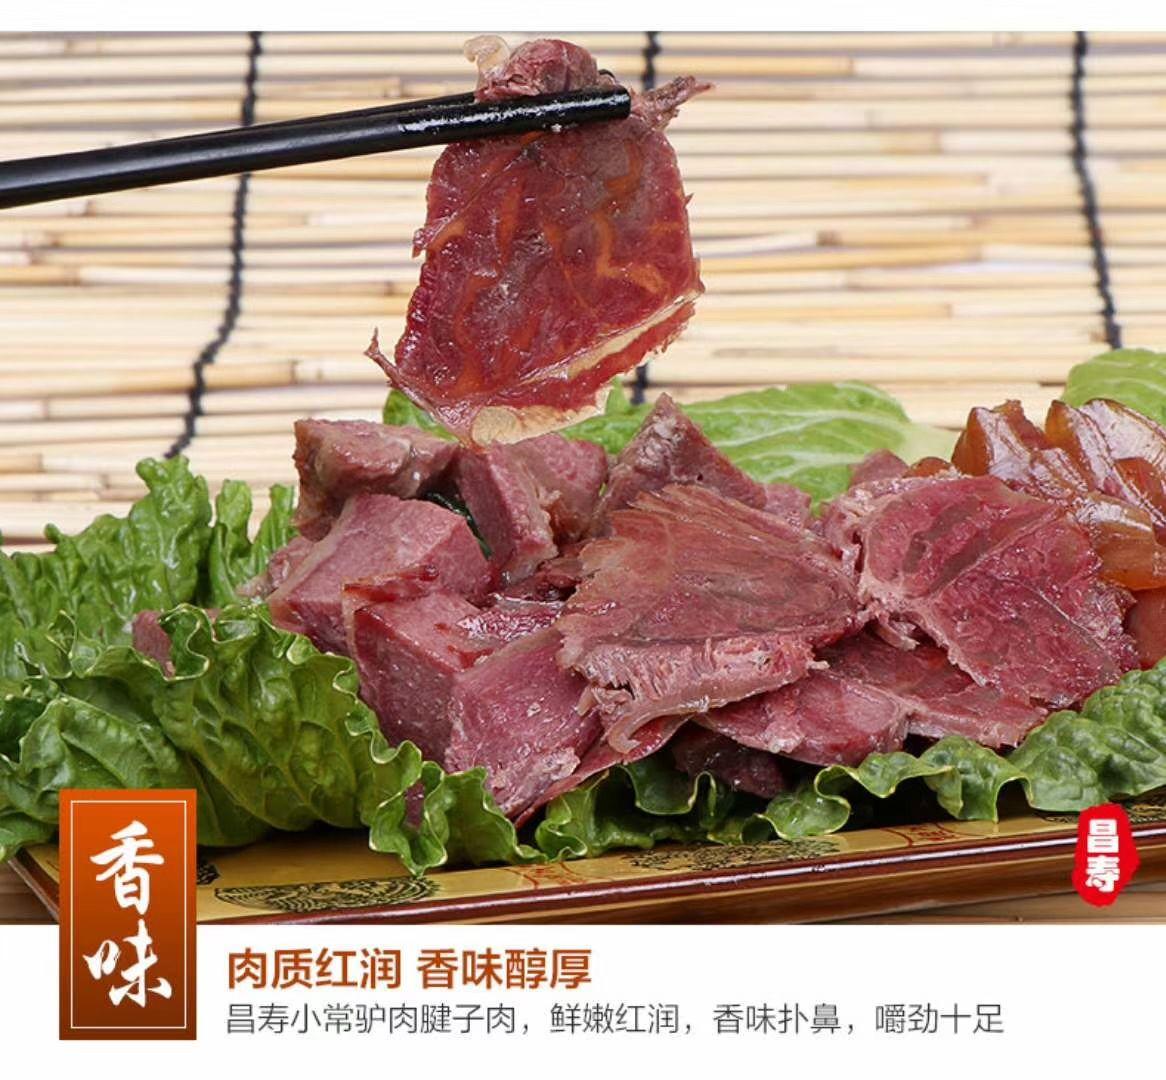 广州驴肉怎么做好吃